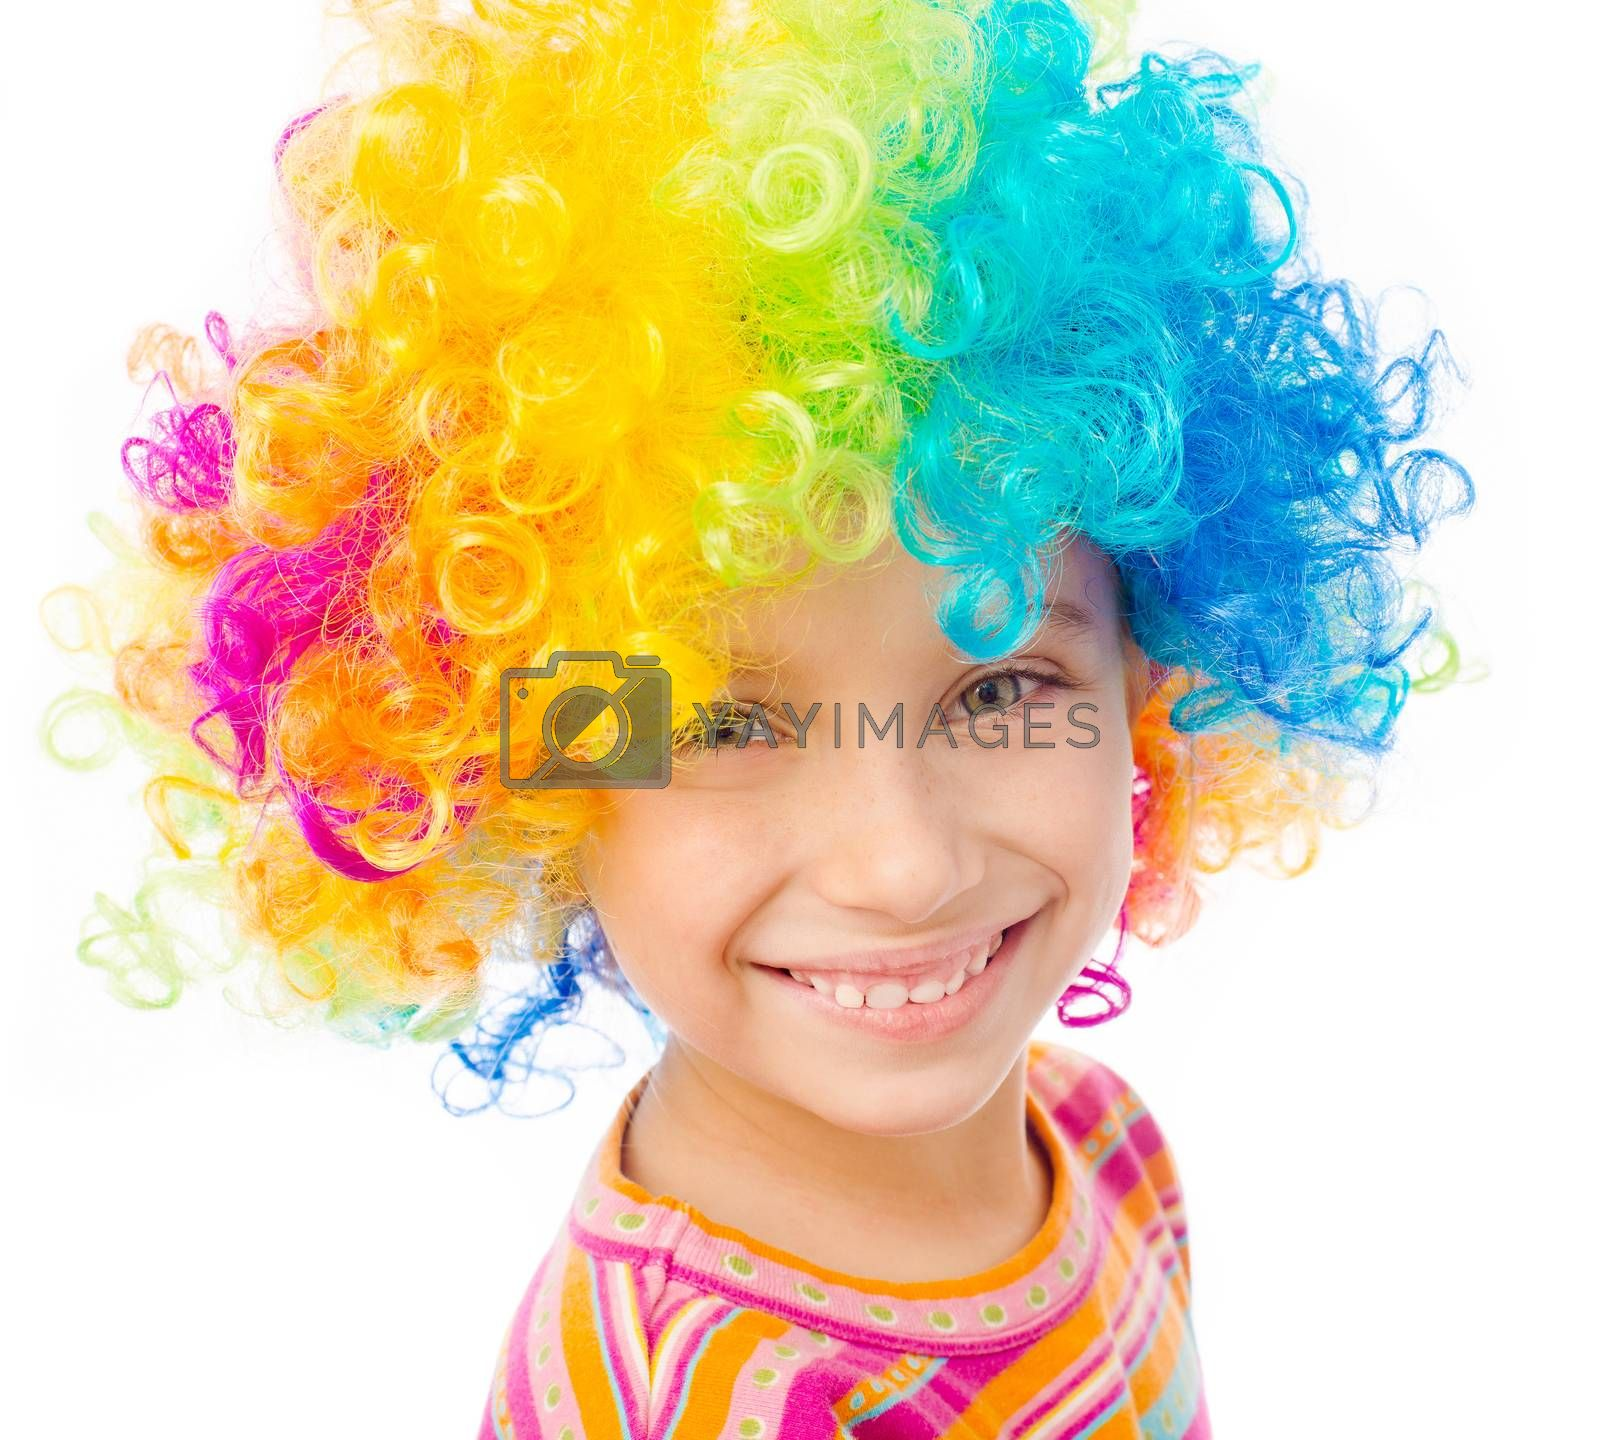 Royalty free image of little girl in clown wig by GekaSkr